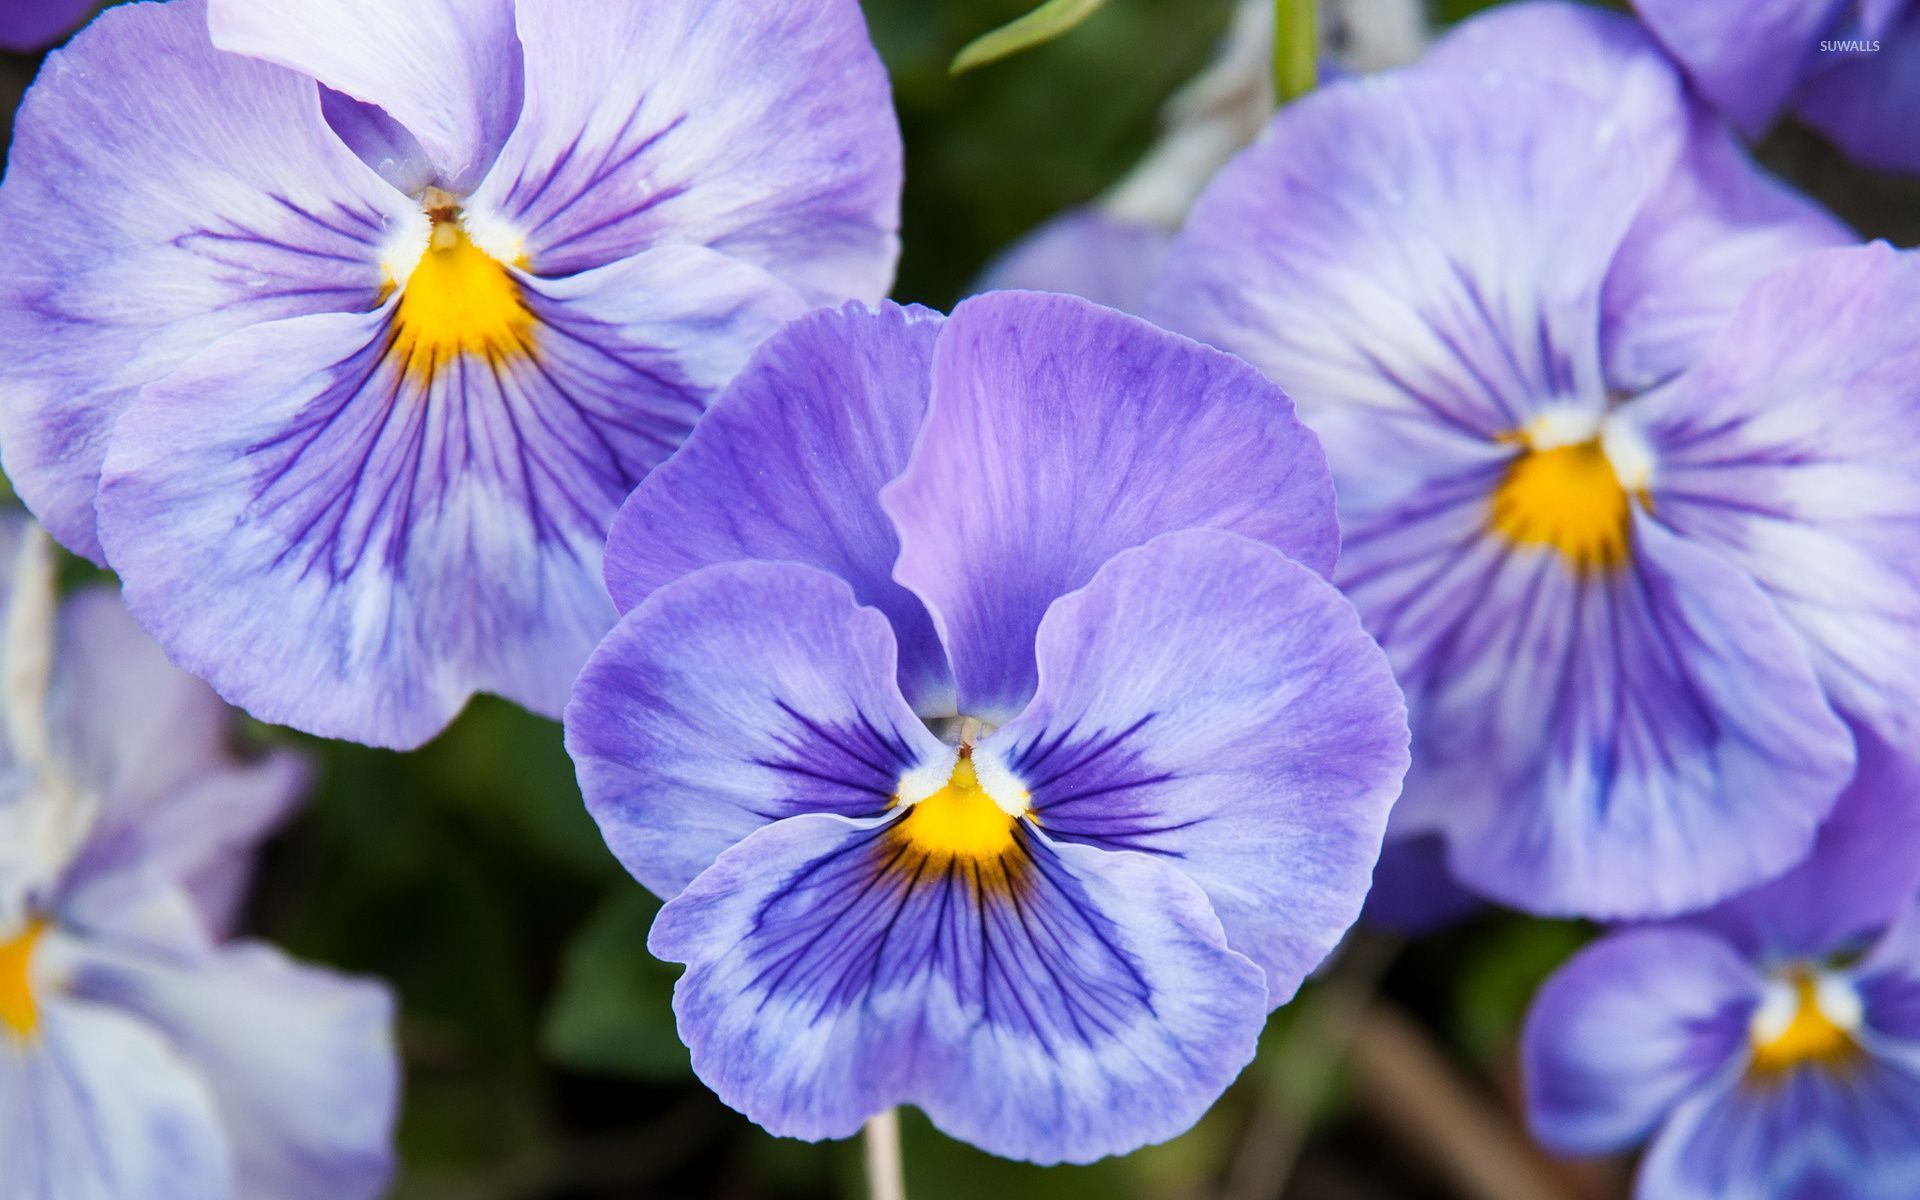 Purple Pansies Wallpaper Flower Wallpapers 34328 Pansies Flowers Pansies Purple Pansy